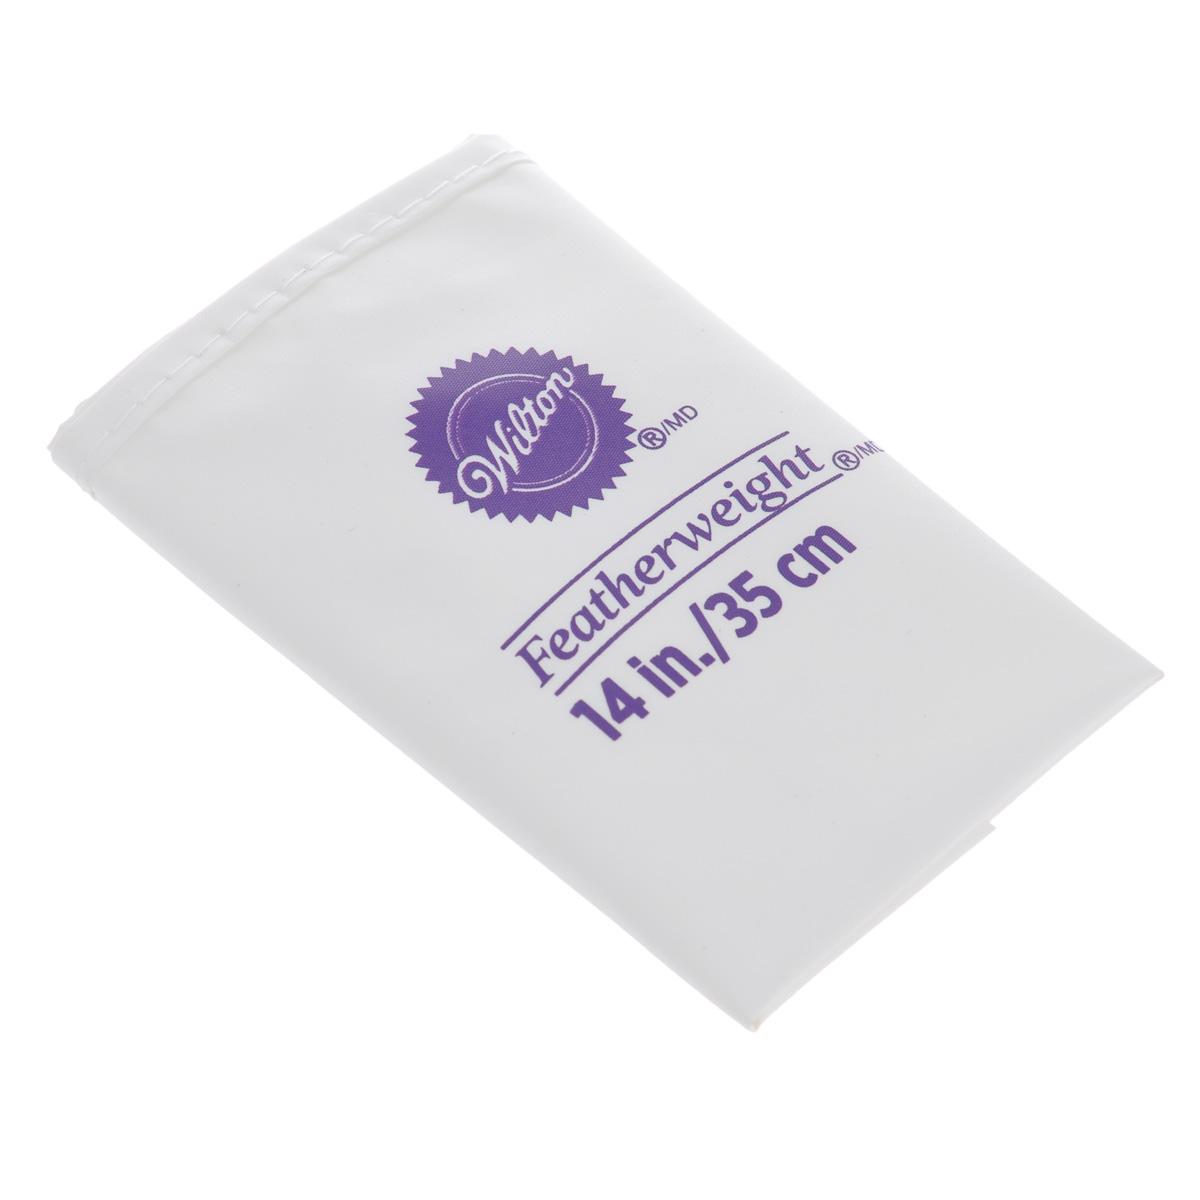 Кондитерский мешок Wilton, многоразовый, цвет: белый, 35 смWLT-404-5140Высококачественный кондитерский мешок Wilton, выполненный из полиэстера, предназначен для декорирования выпечки. Если вы любите побаловать своих домашних вкусной и ароматной выпечкой по вашему оригинальному рецепту, украшенной воздушным кремом, то кондитерский мягкий, гибкий и прочный мешок Wilton как раз то, что вам нужно! С его помощью вы создадите необыкновенные украшения на торте, наполните трубочки кремом и многое другое. Можно мыть в посудомоечной машине. Высота мешка: 35 см. Ширина мешка: 21 см.